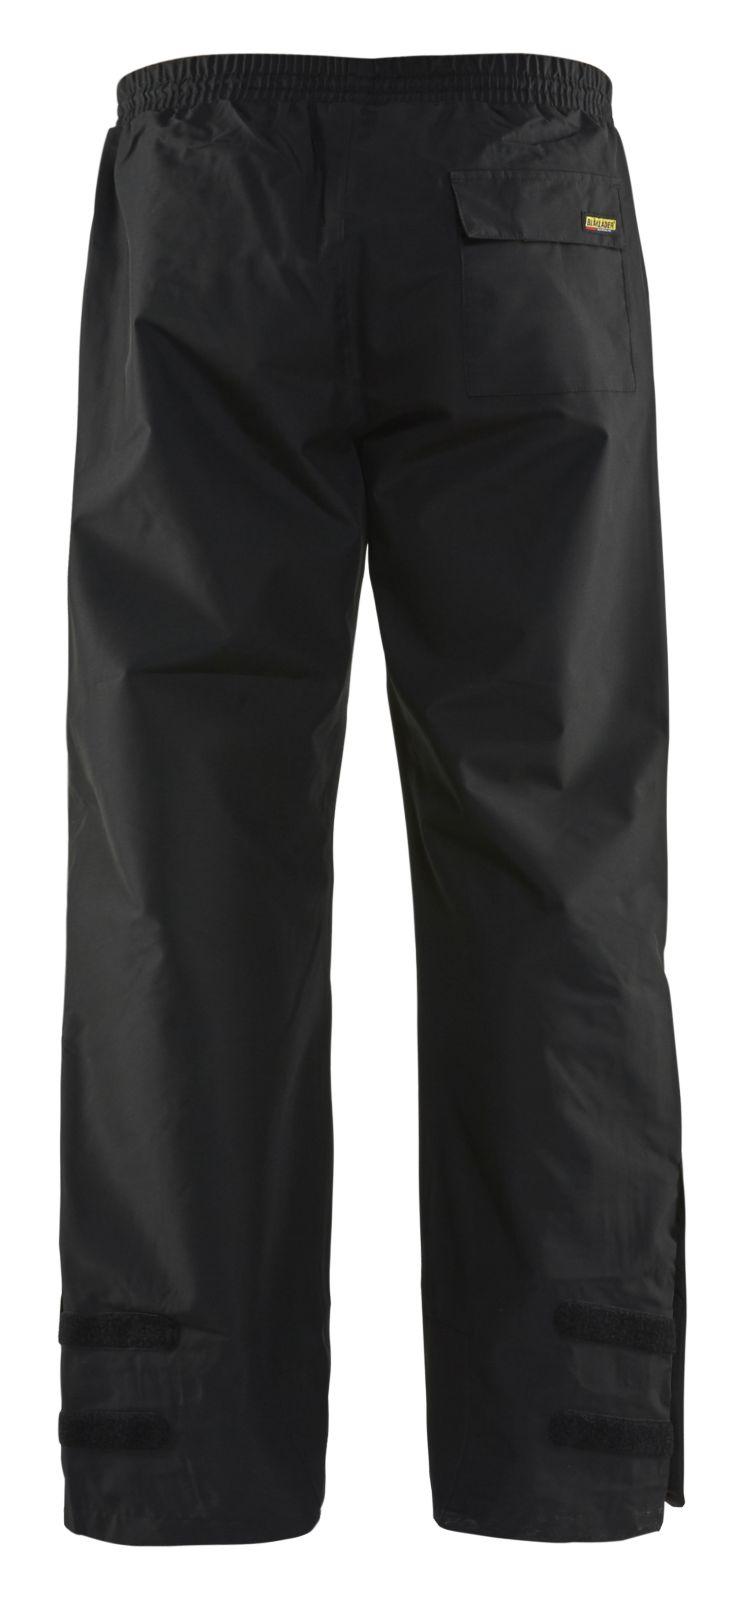 Blaklader Broeken 18661946 zwart(9900)